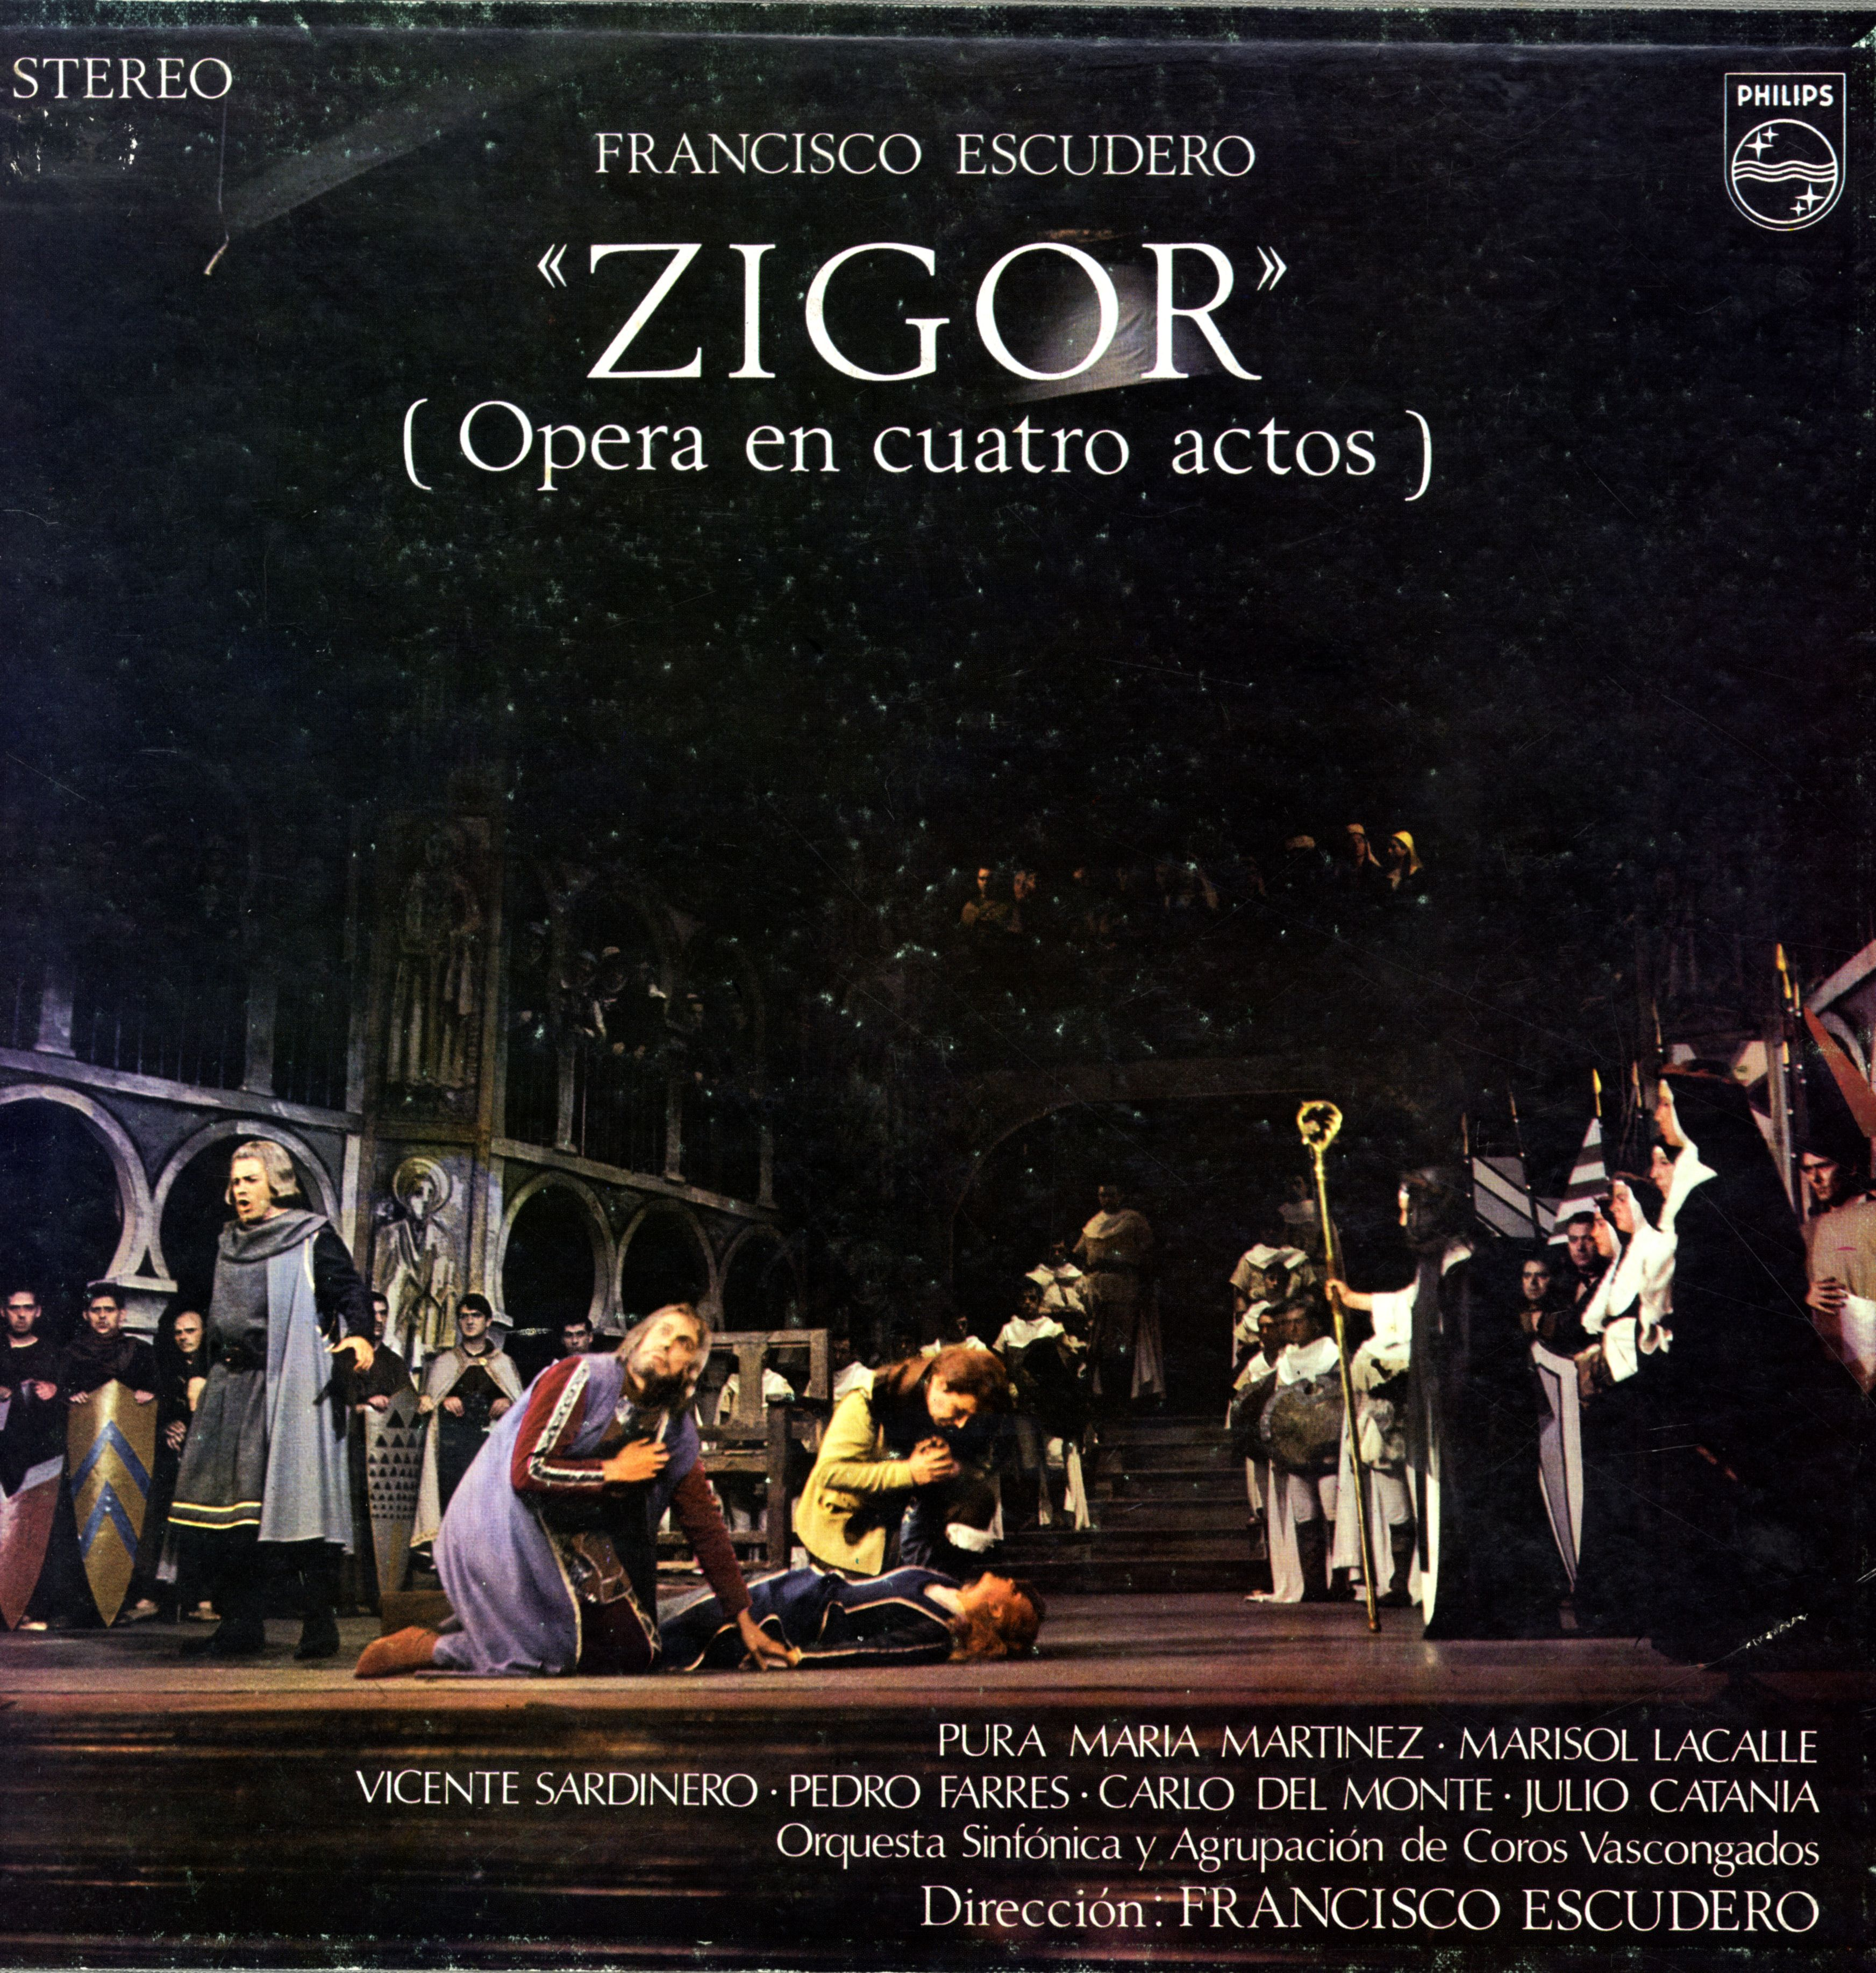 zigor